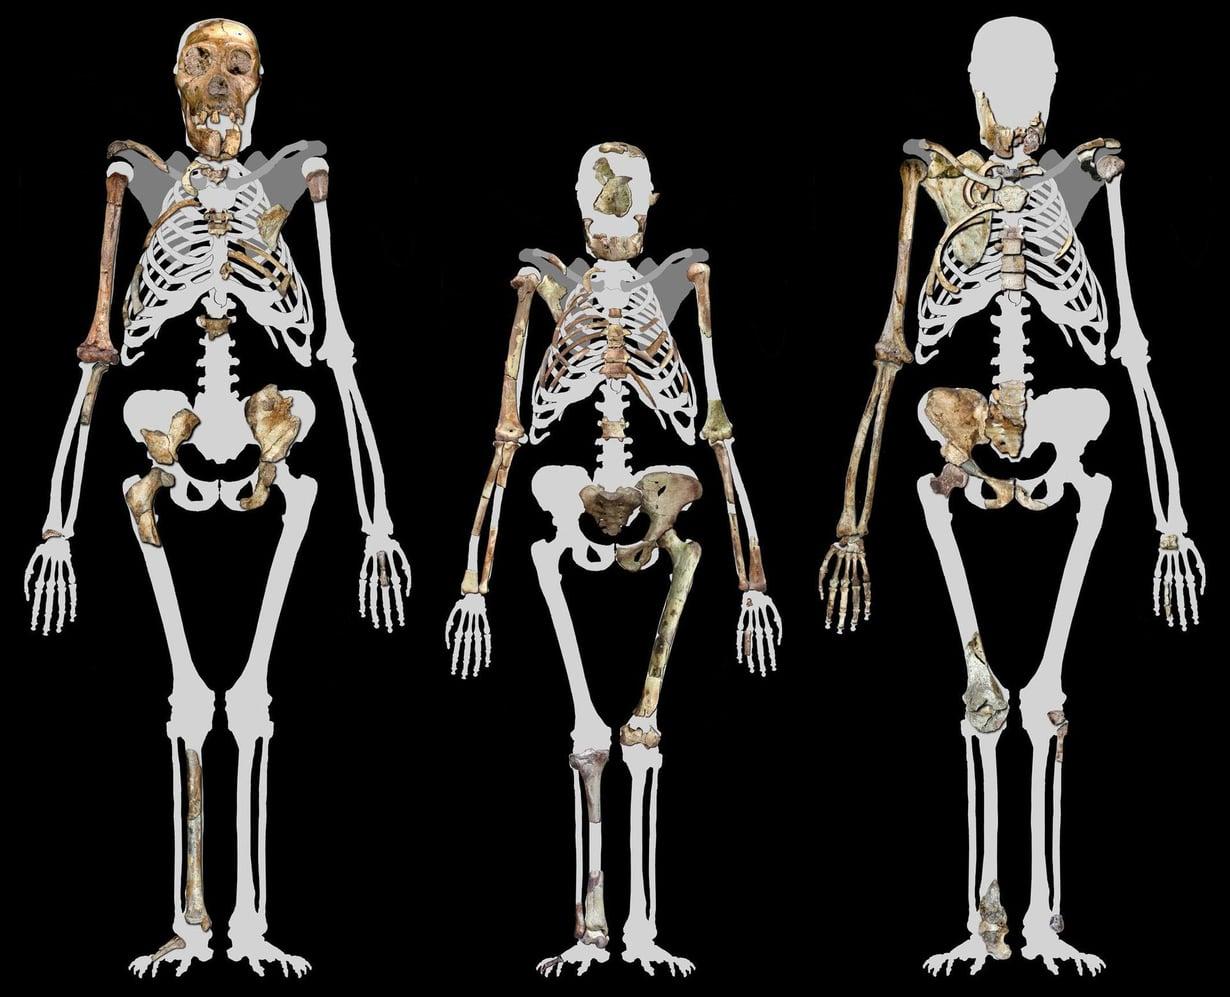 Lucyn rekonstruktio kahden Autralopitecus sediban välissä. Kuva: Peter Schmid / Lee R. Berger, University of the Witwatersrand / Wikimedia Commons